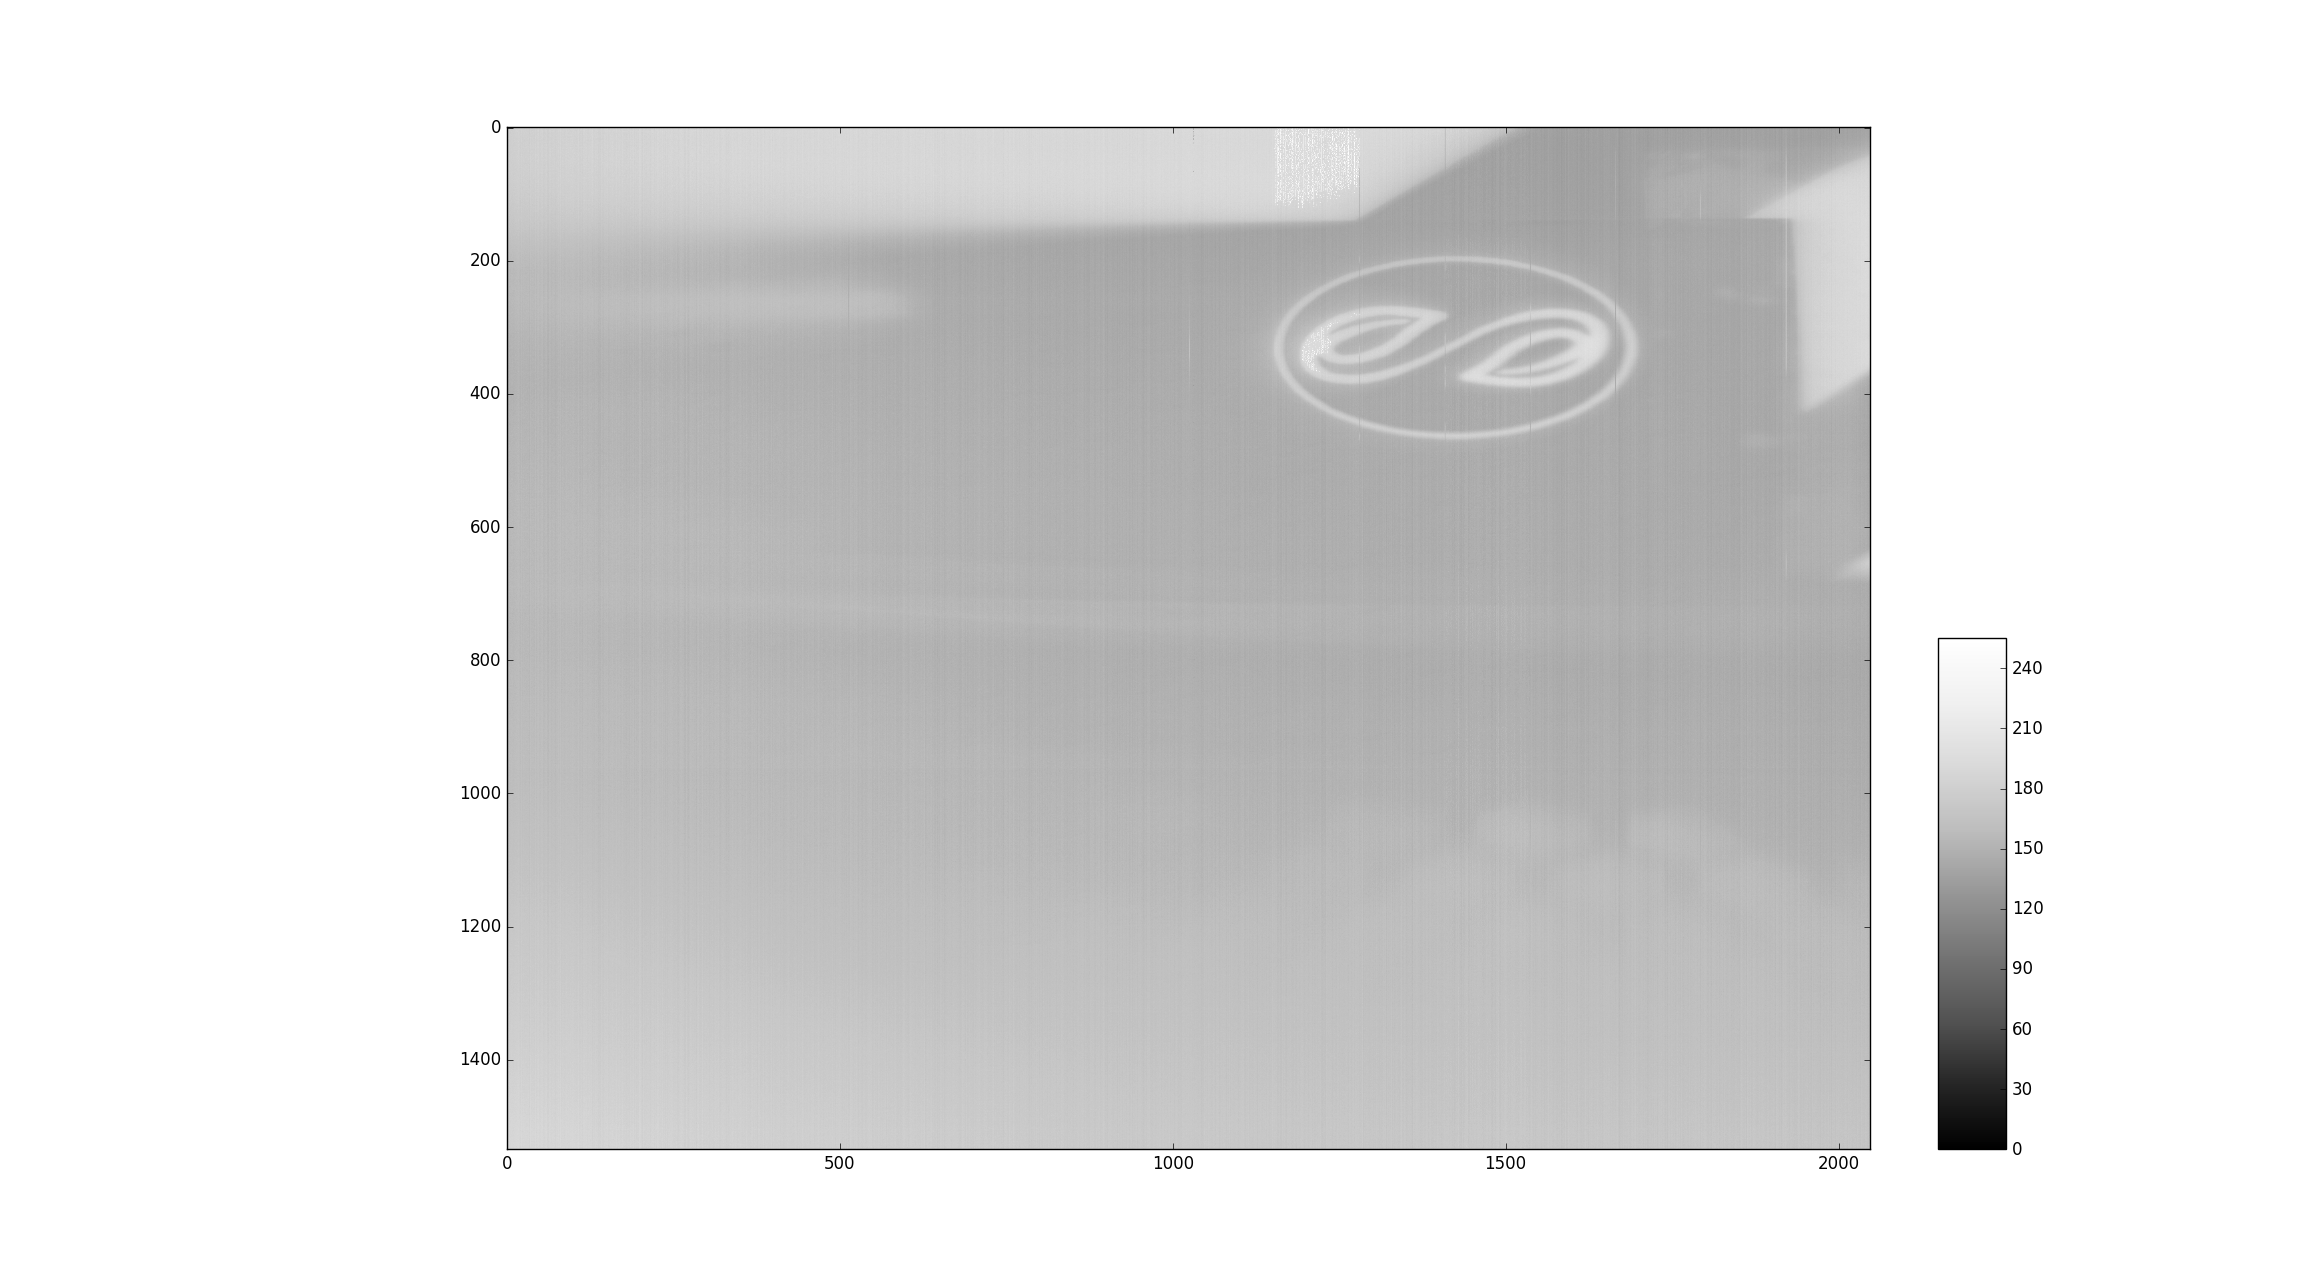 Figure 7: Captured focused image.